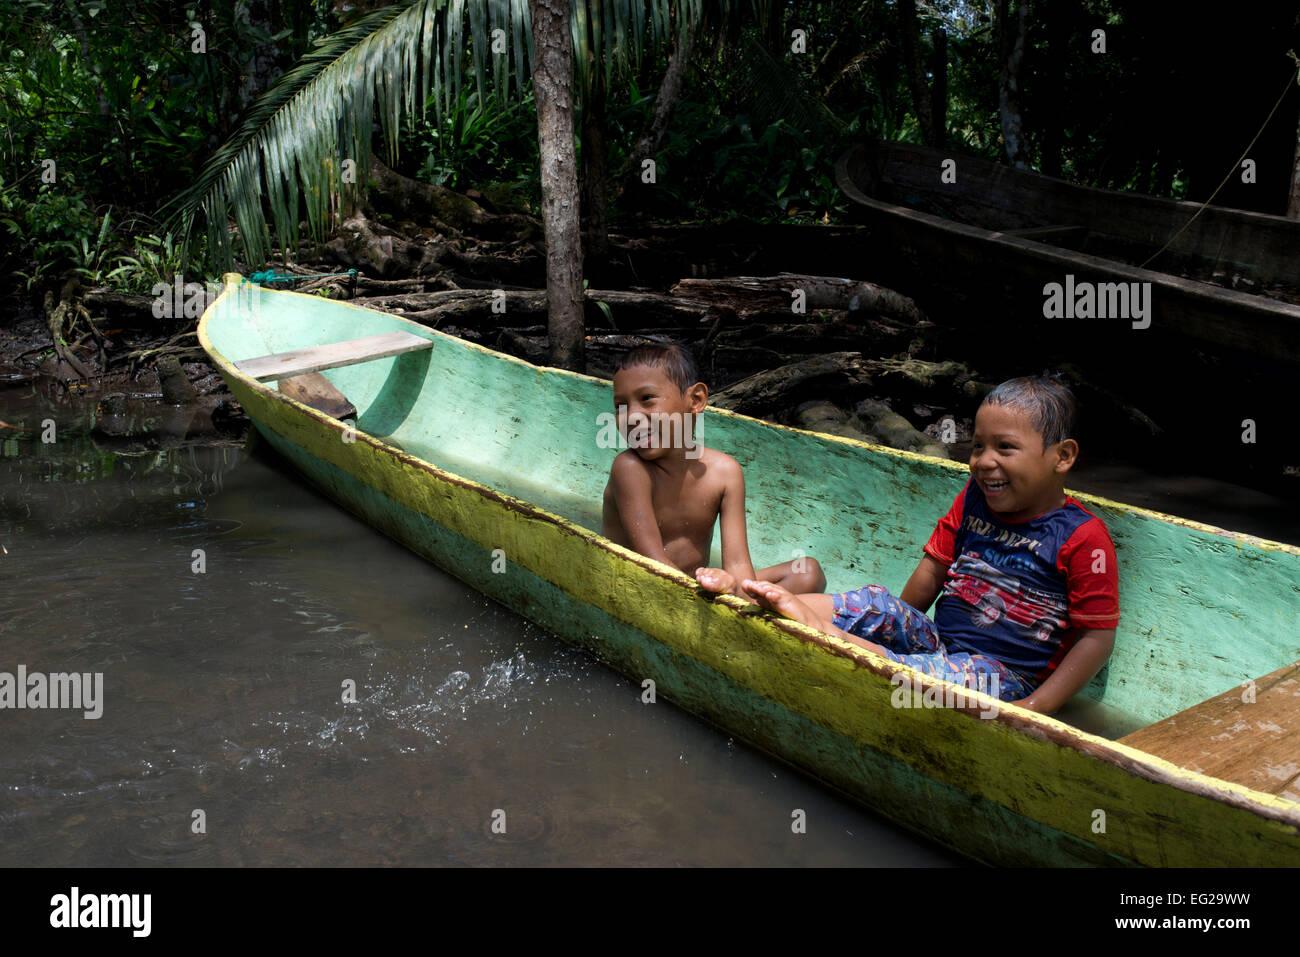 Les enfants jouent dans l'un des bateaux locaux utilisés par les indiens Ngobe comme principale forme de transport, à l'abri sous un maigre fortune- Banque D'Images